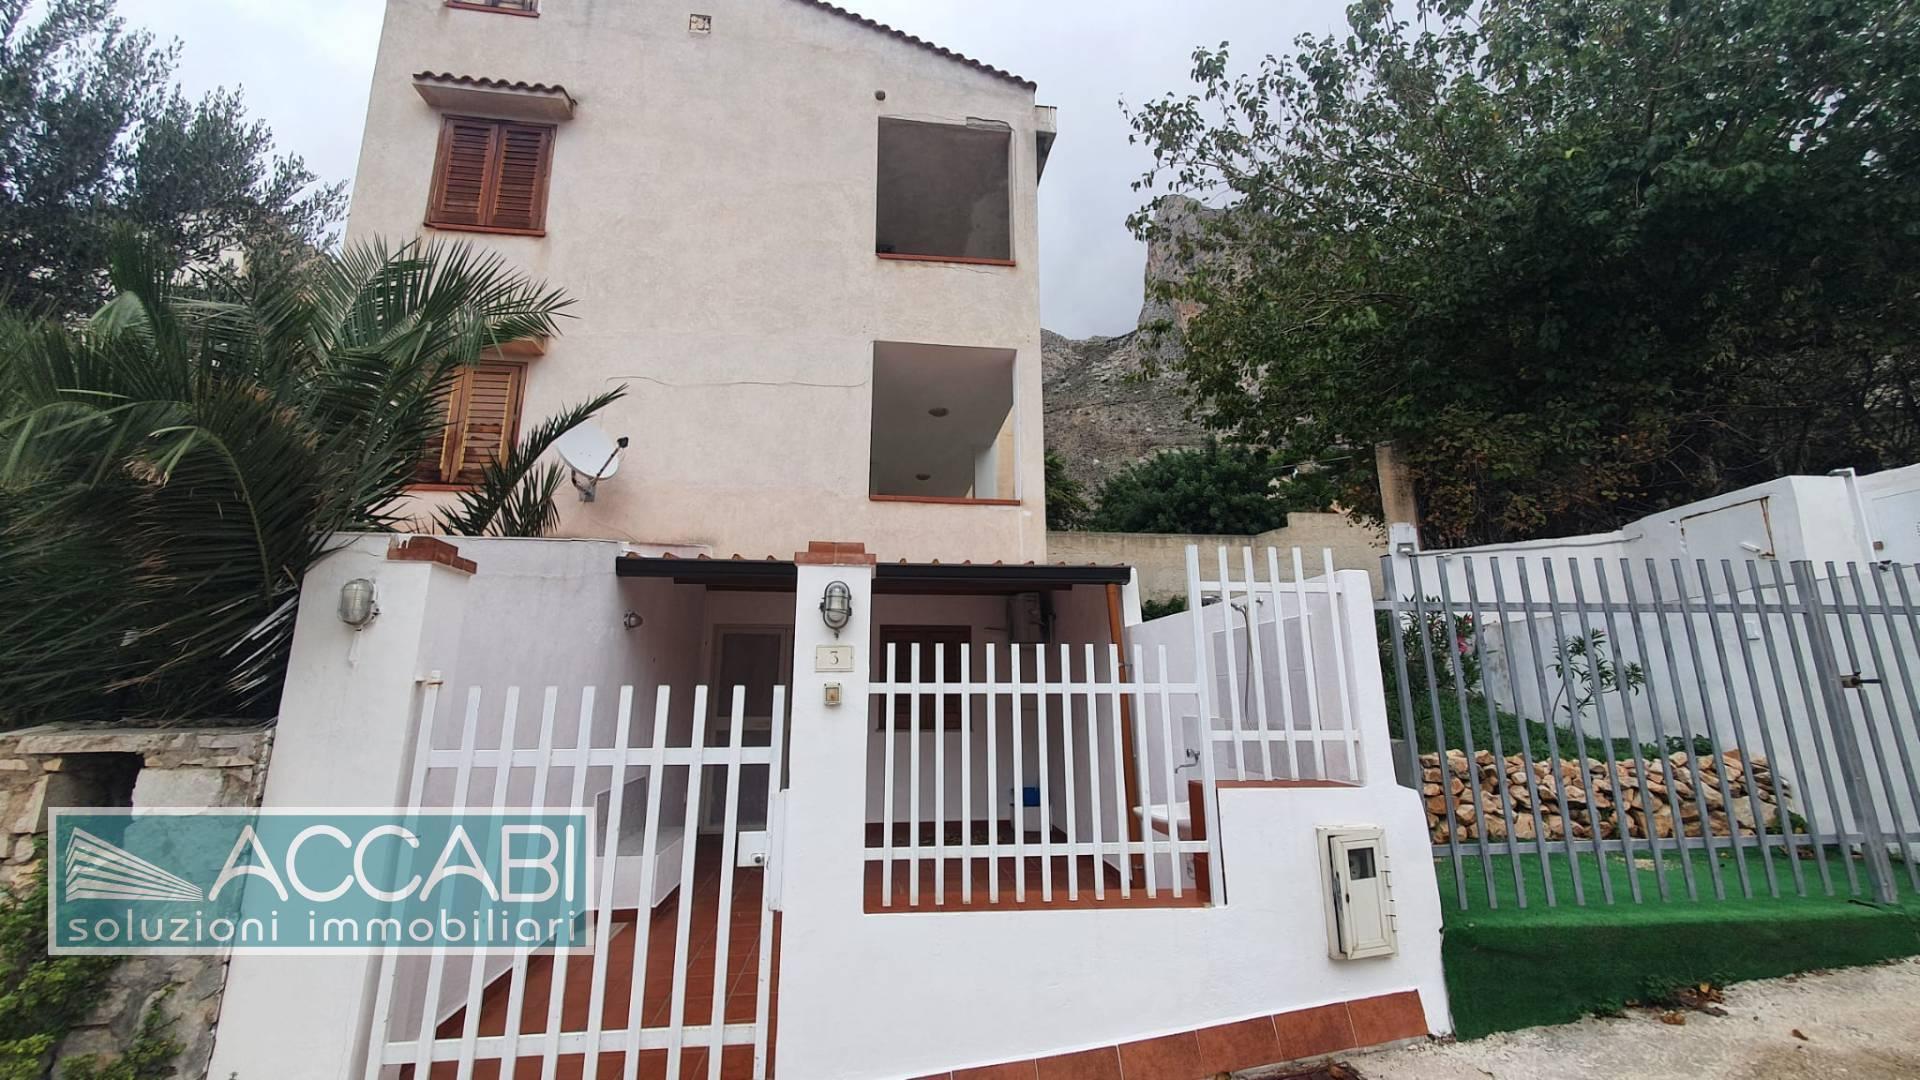 Appartamento in vendita a San Vito Lo Capo, 5 locali, zona ri, prezzo € 180.000 | PortaleAgenzieImmobiliari.it